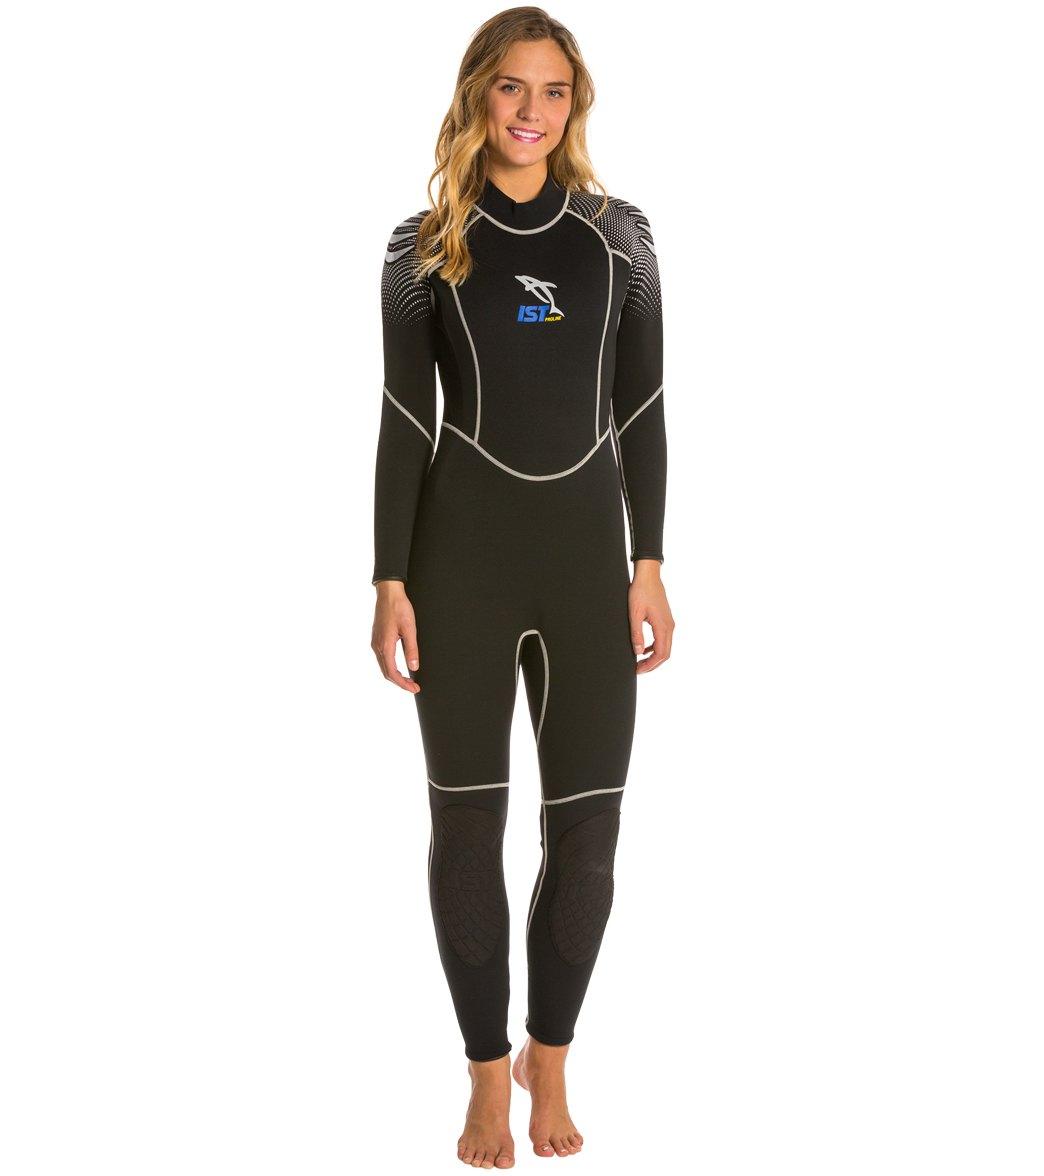 8c4c13d76f IST Flexus Women's 3mm Diving Wetsuit